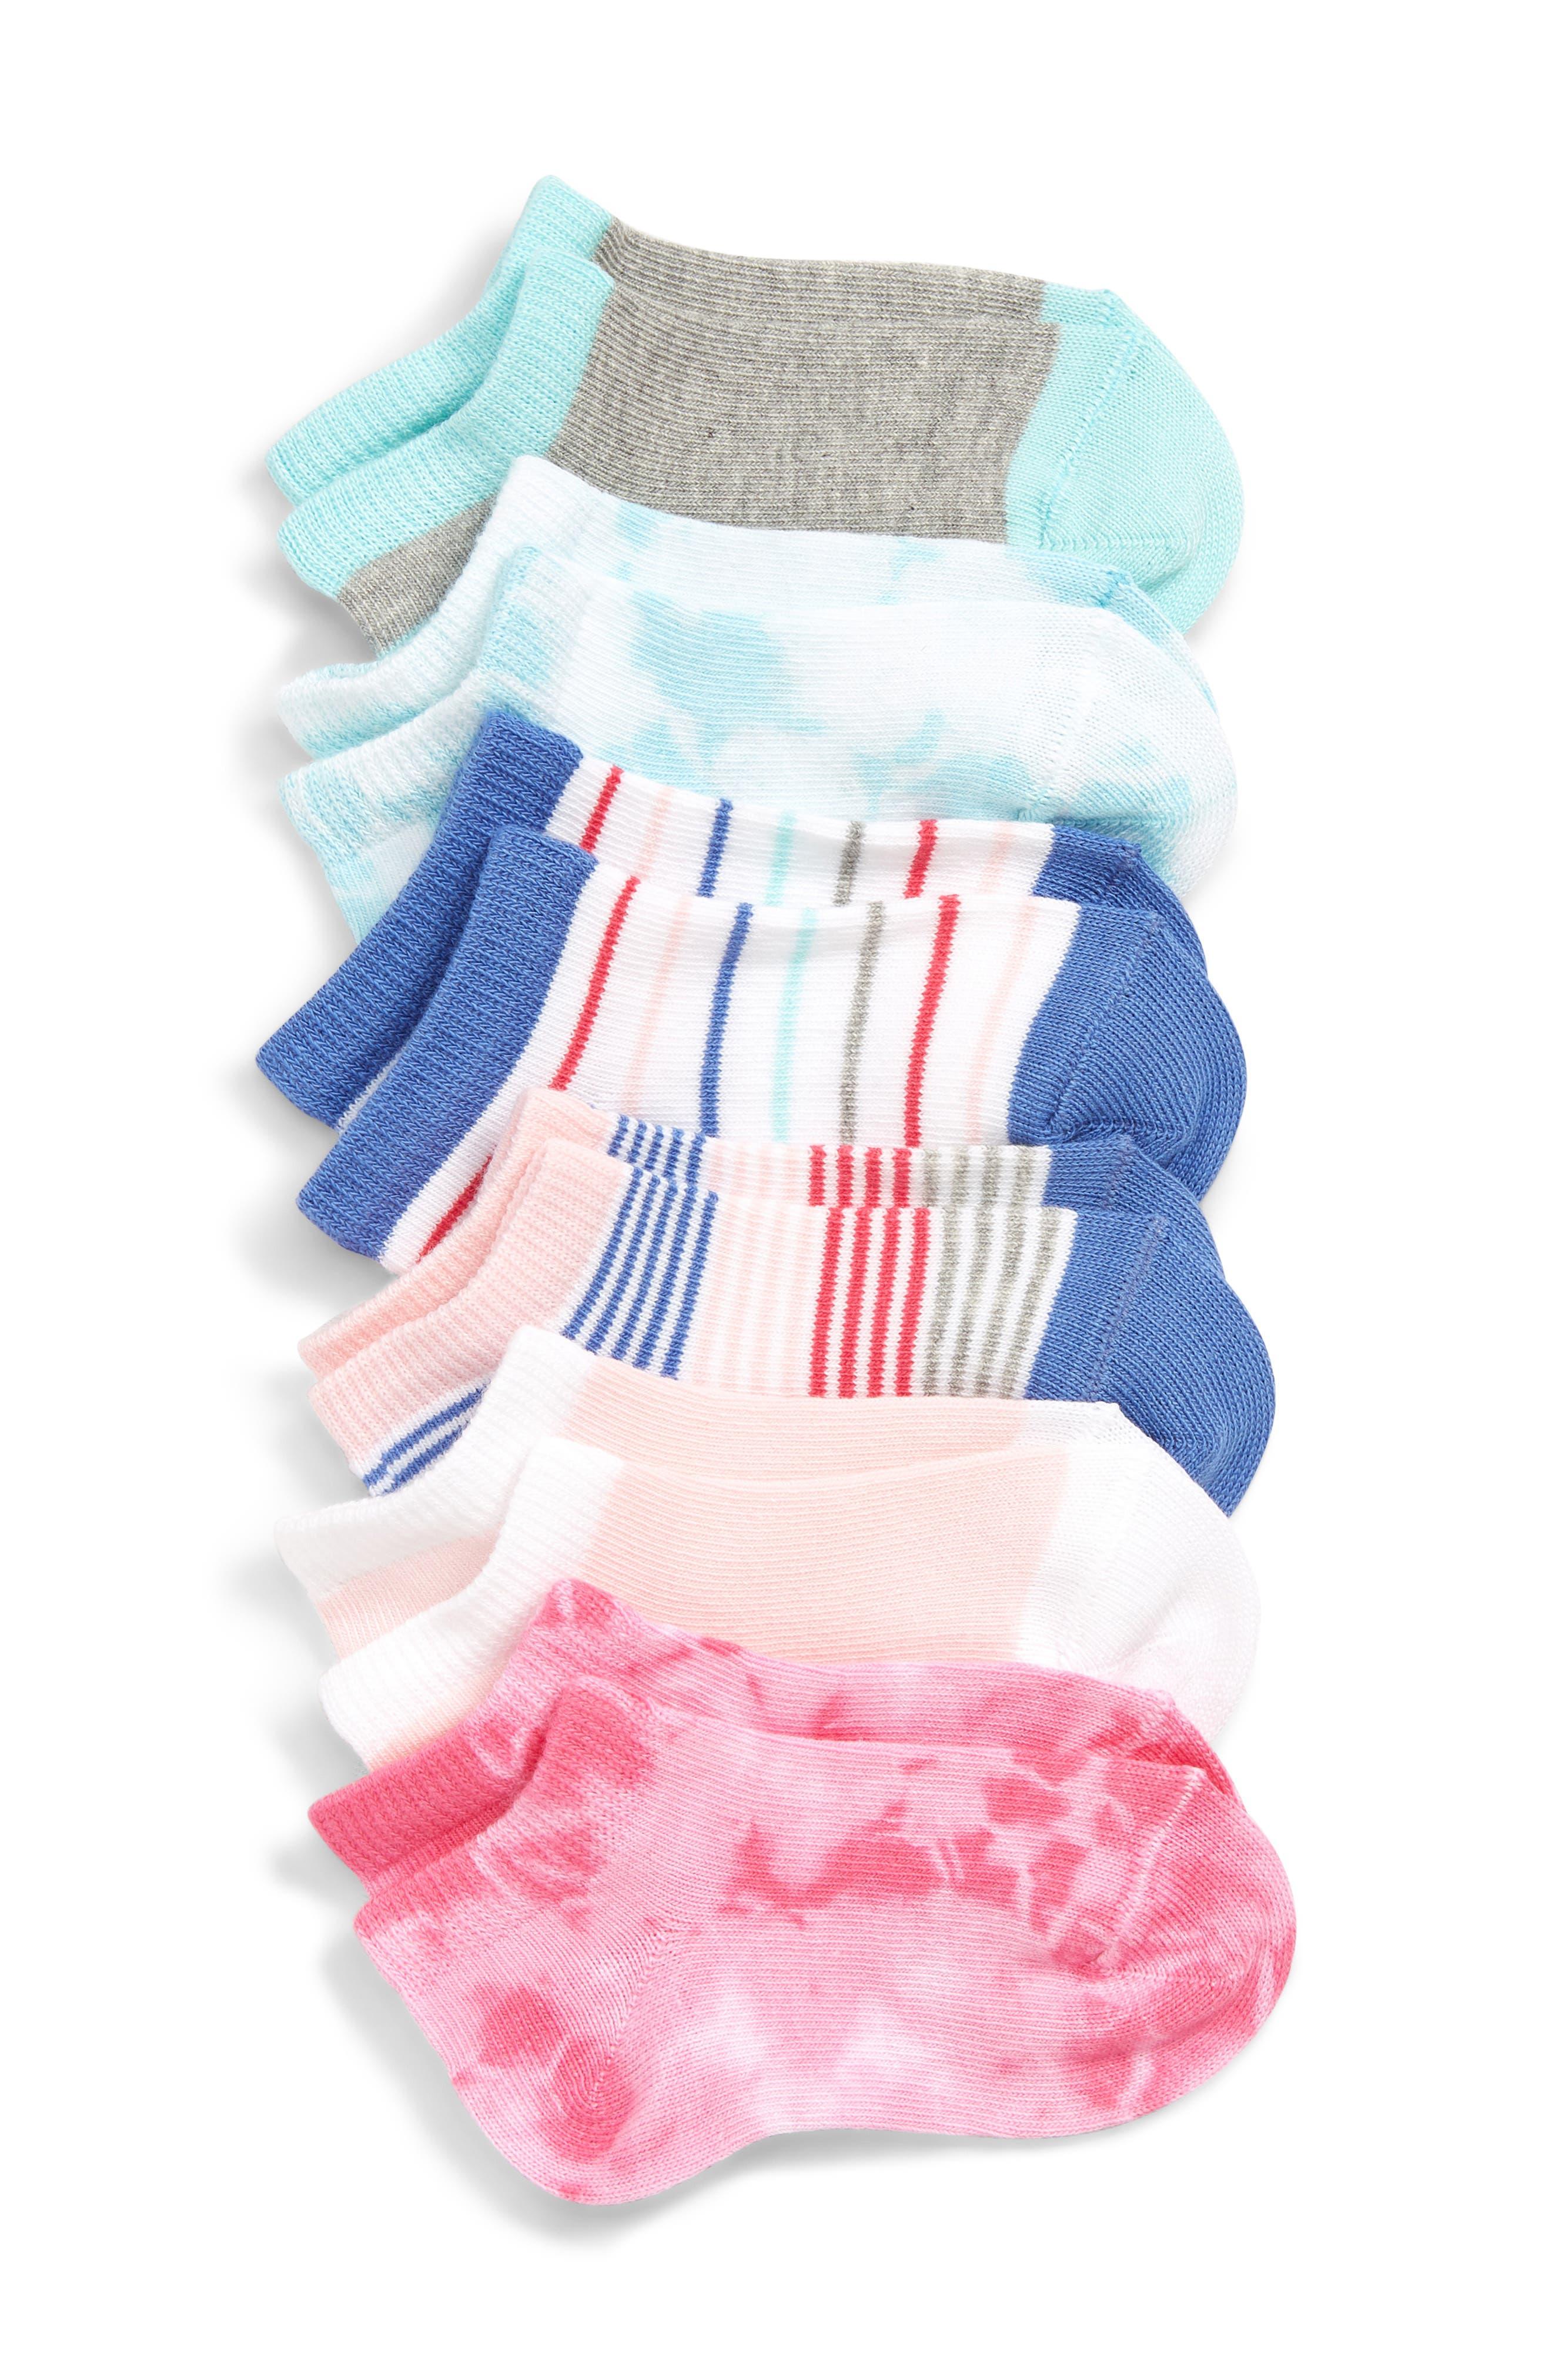 6-Pack Low Cut Socks, Main, color, 670